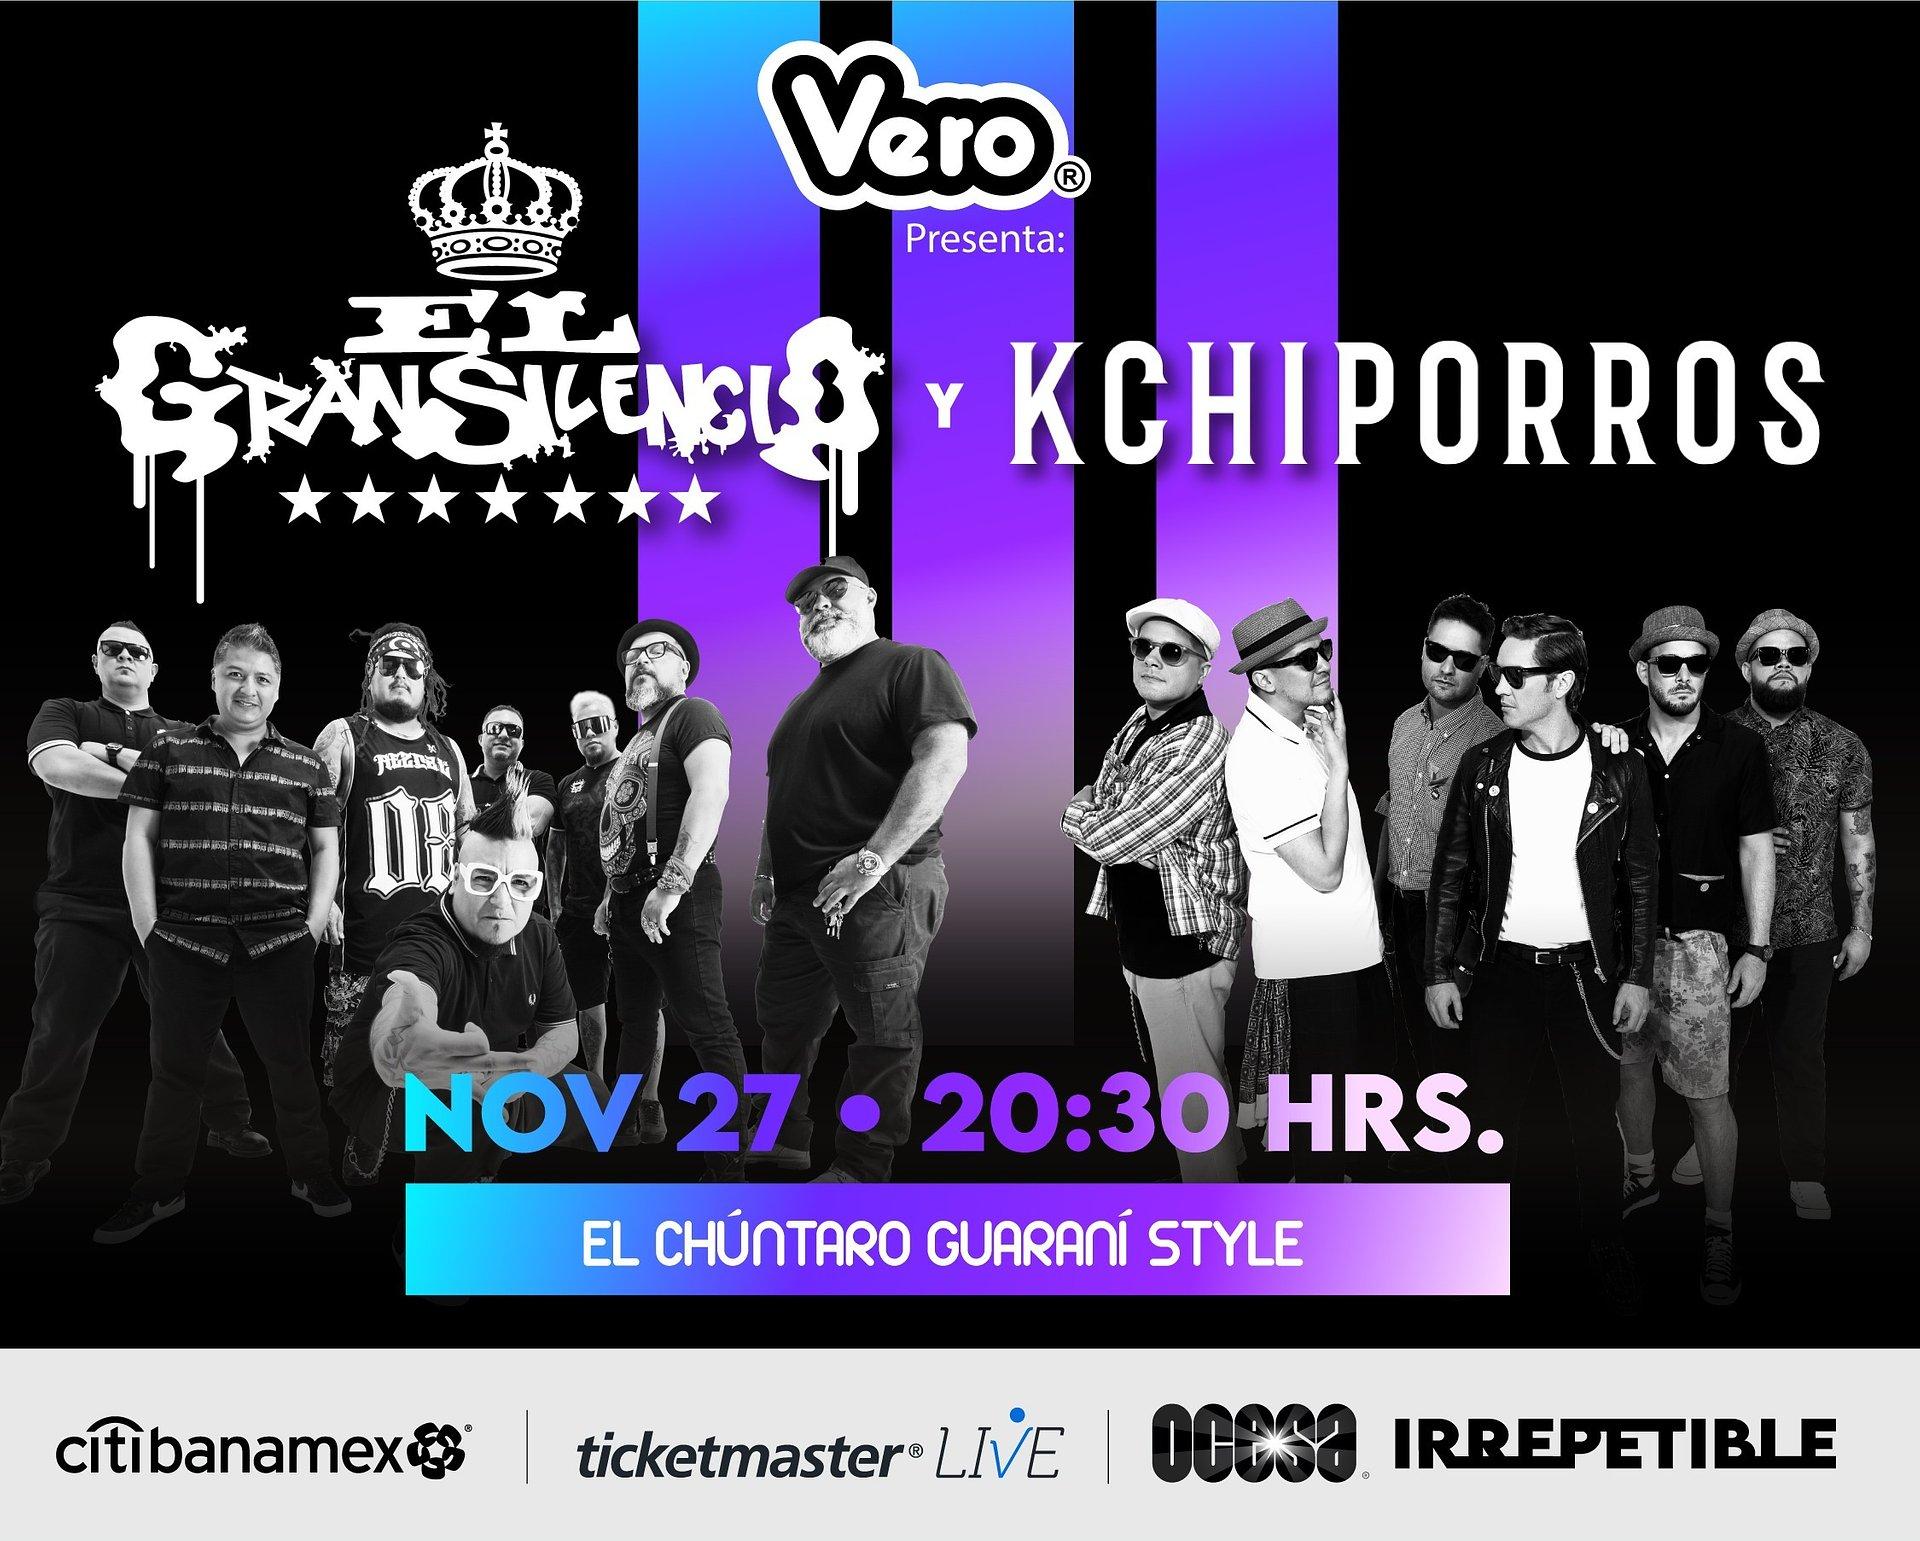 EL GRAN SILENCIO Y KCHIPORROSEl Chúntaro Guaraní Style  en IRREPETIBLE, El Gran Silencio y Kchiporros darán un concierto IRREPETIBLE